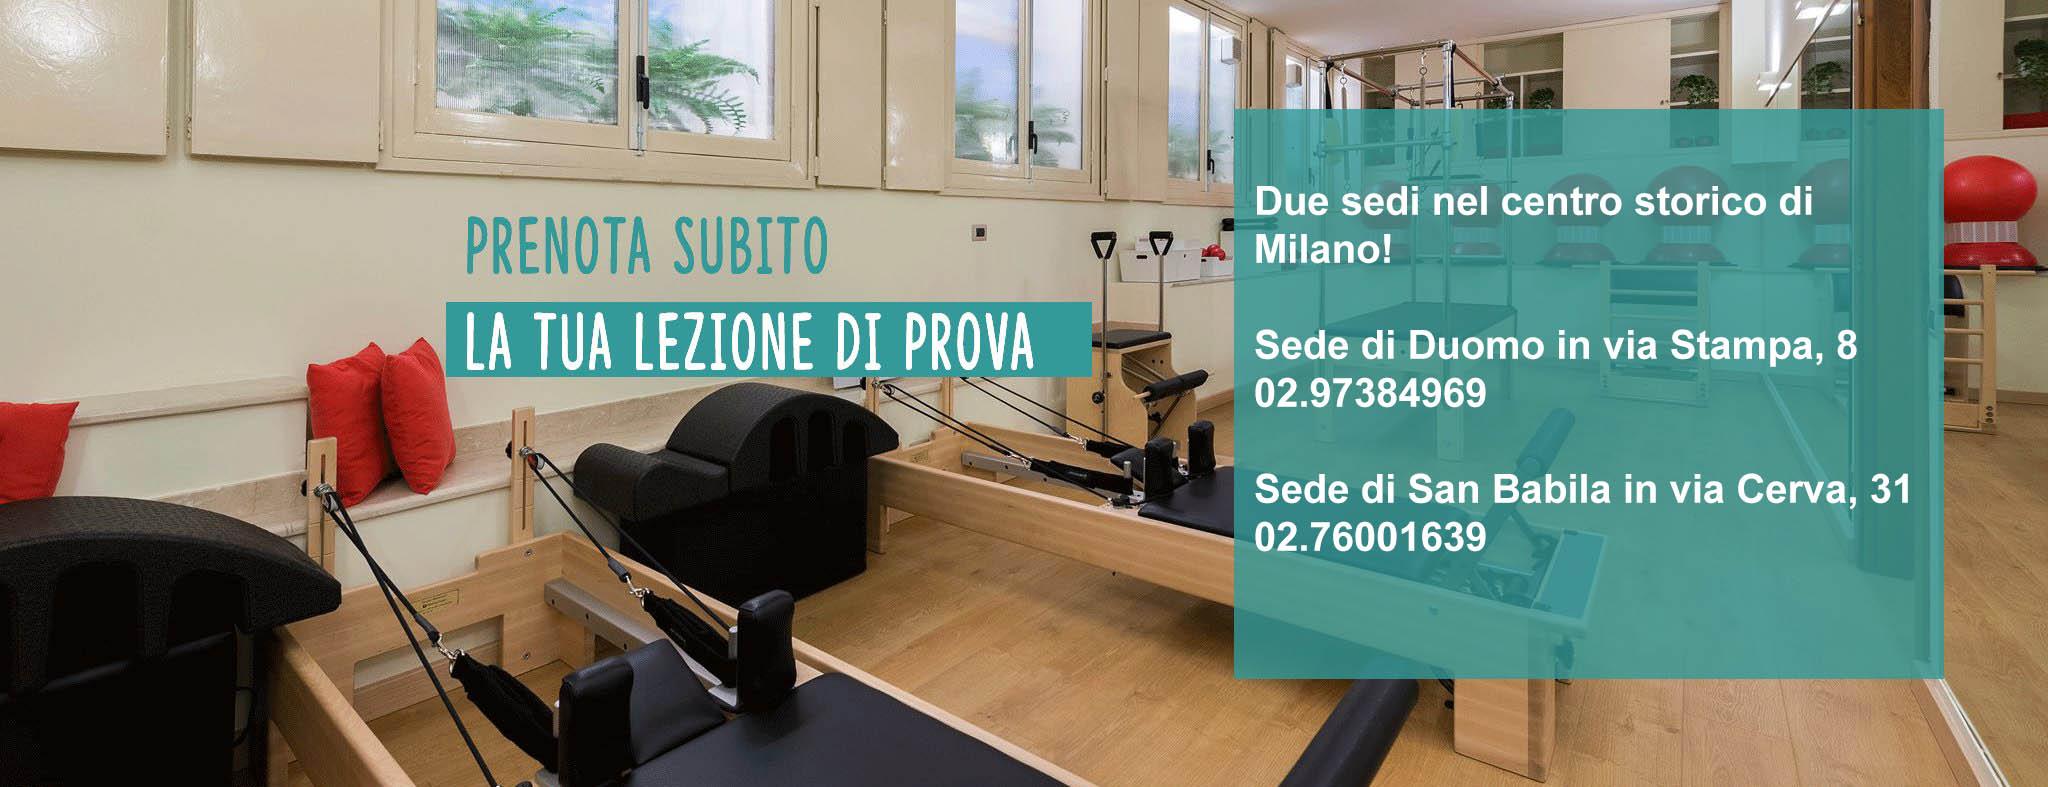 Pilates Post Parto Corso Garibaldi Milano - Prenota subito la tua lezione di prova